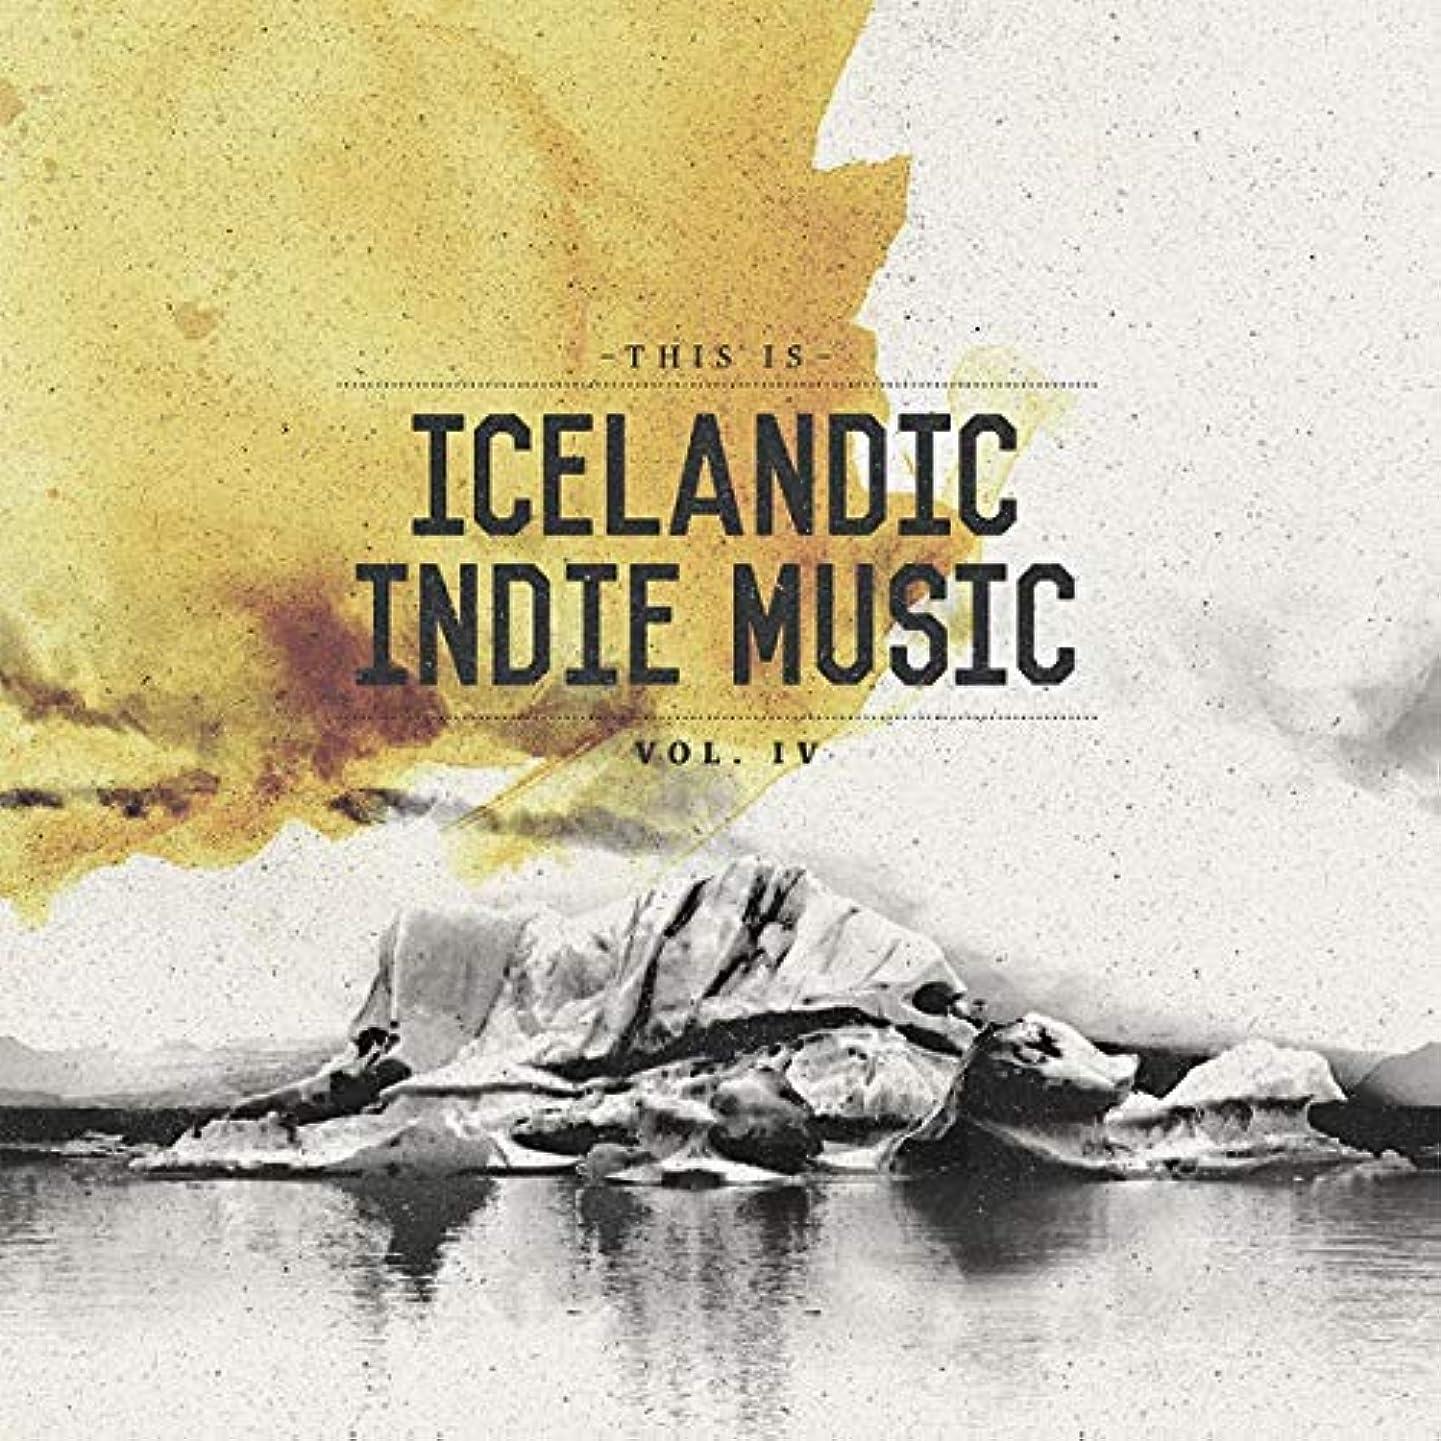 This Is Icelandic Indie Music Vol.4